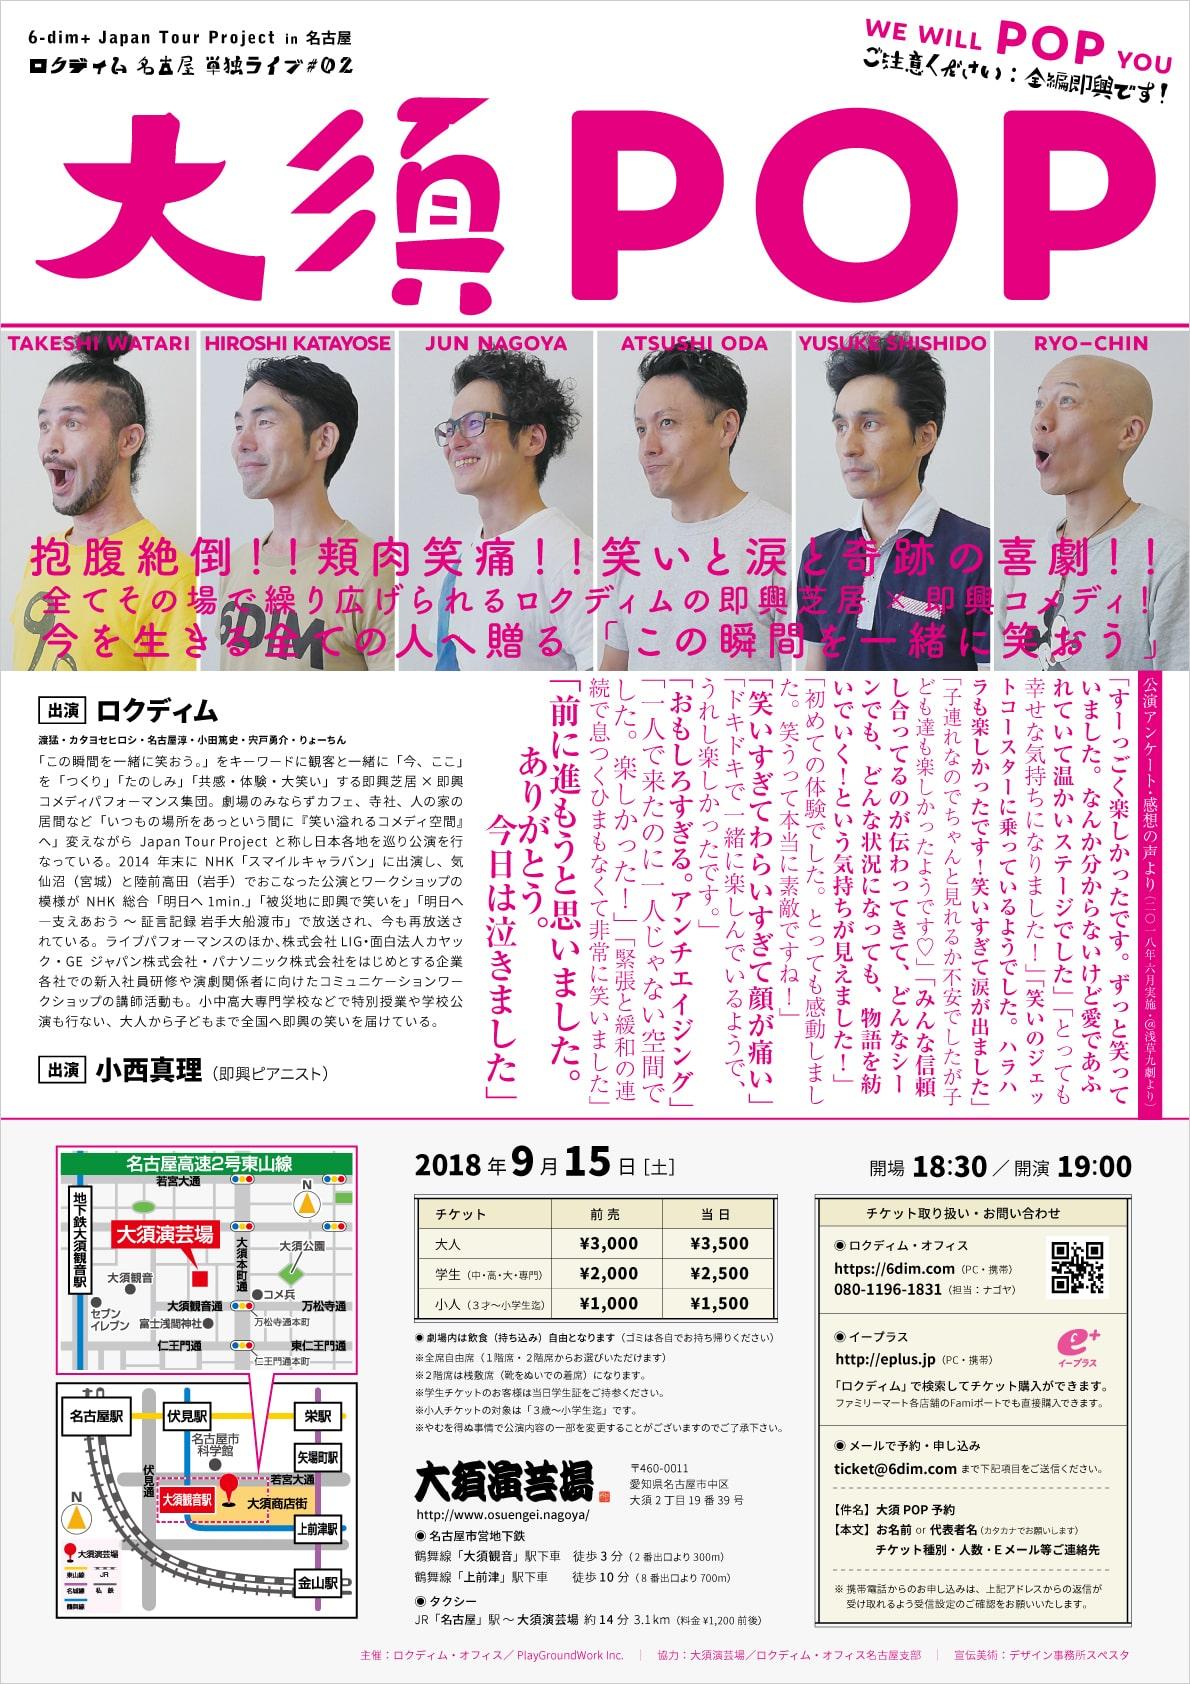 ロクディム名古屋公演:大須POP:チラシ裏